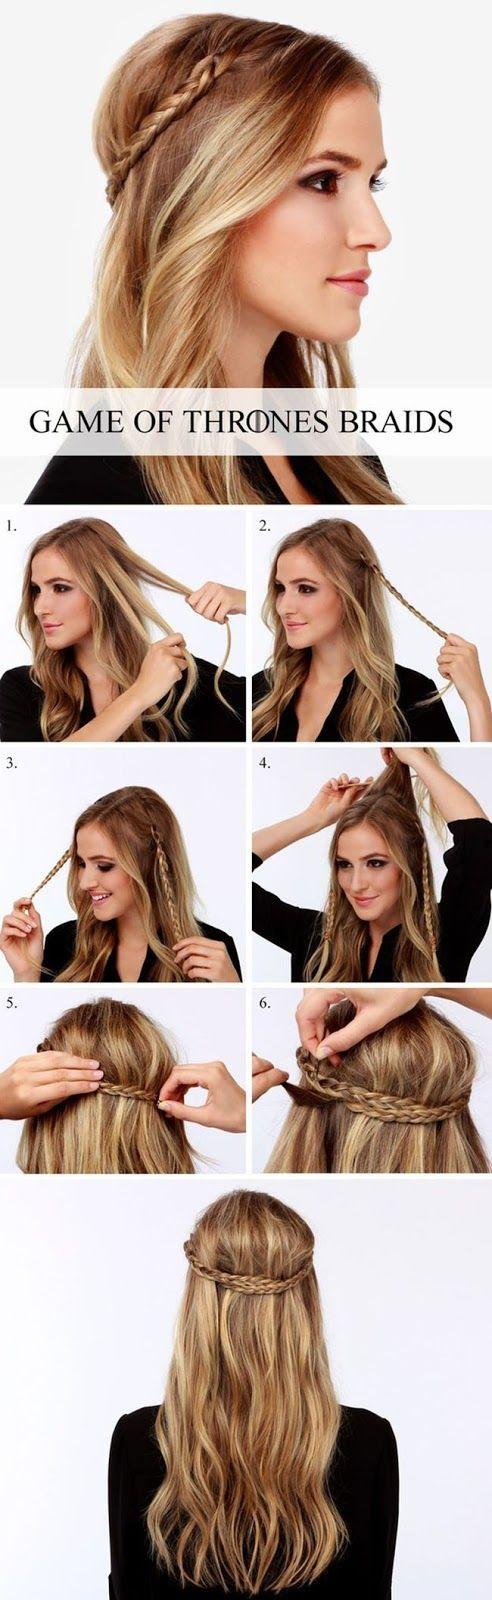 3 Penteados lindos para o dia a dia - Maquiando